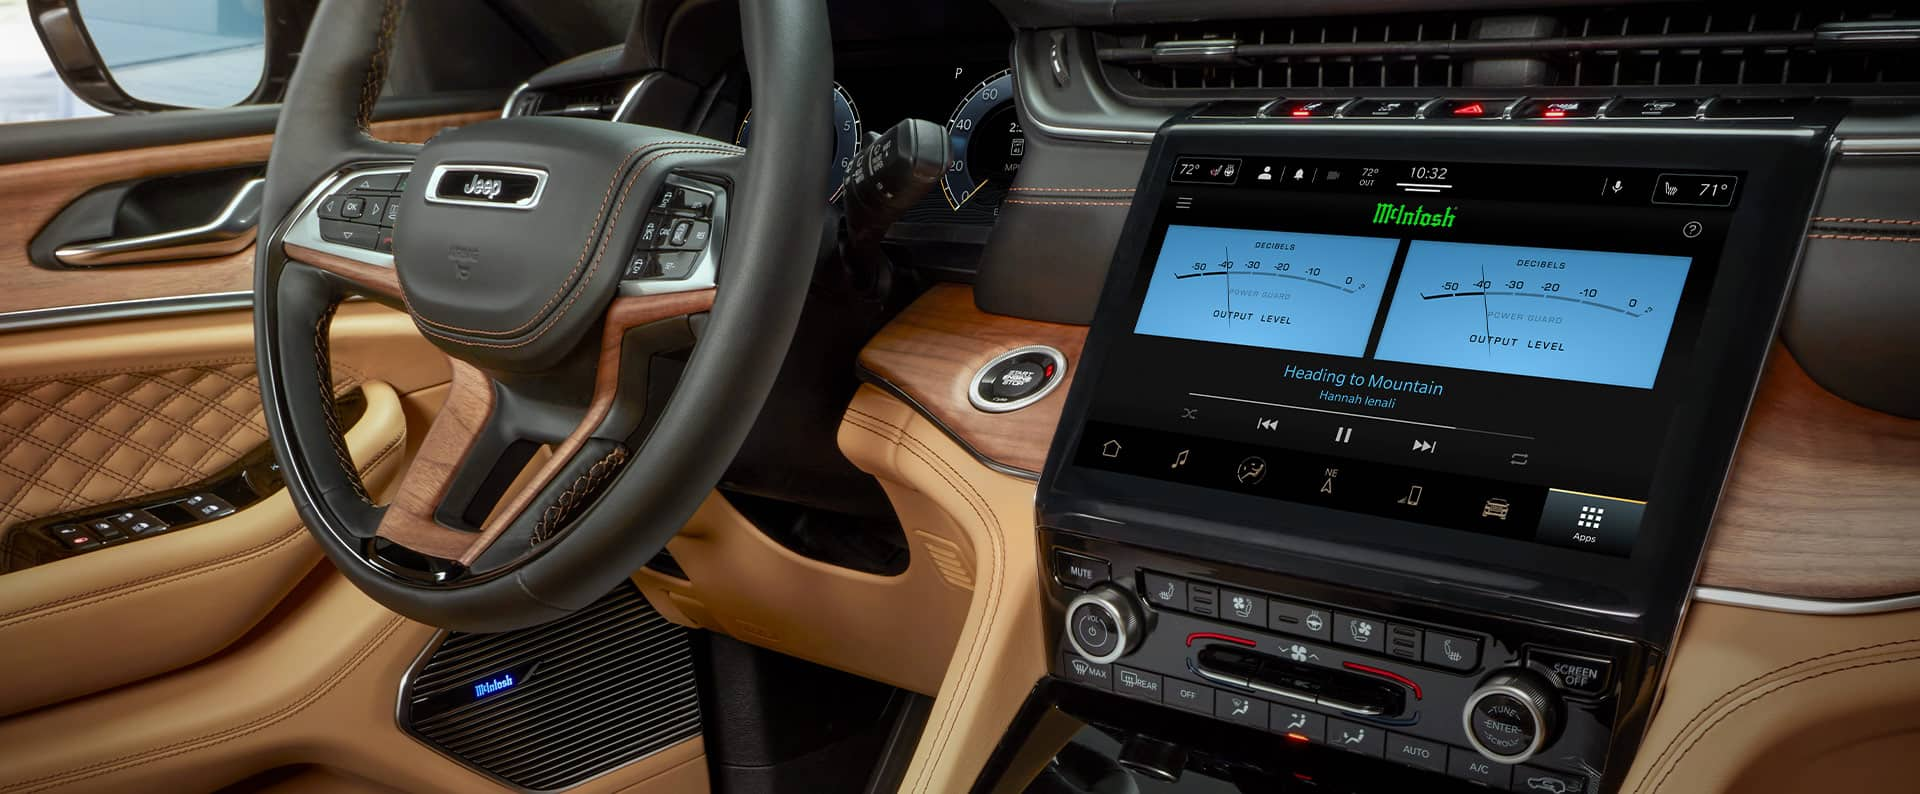 El interior delJeep Grand Cherokee L Summit Reserve2021 con la pantalla táctil donde se ven las configuraciones de potencia en vatios para los altavocesMcIntosh.